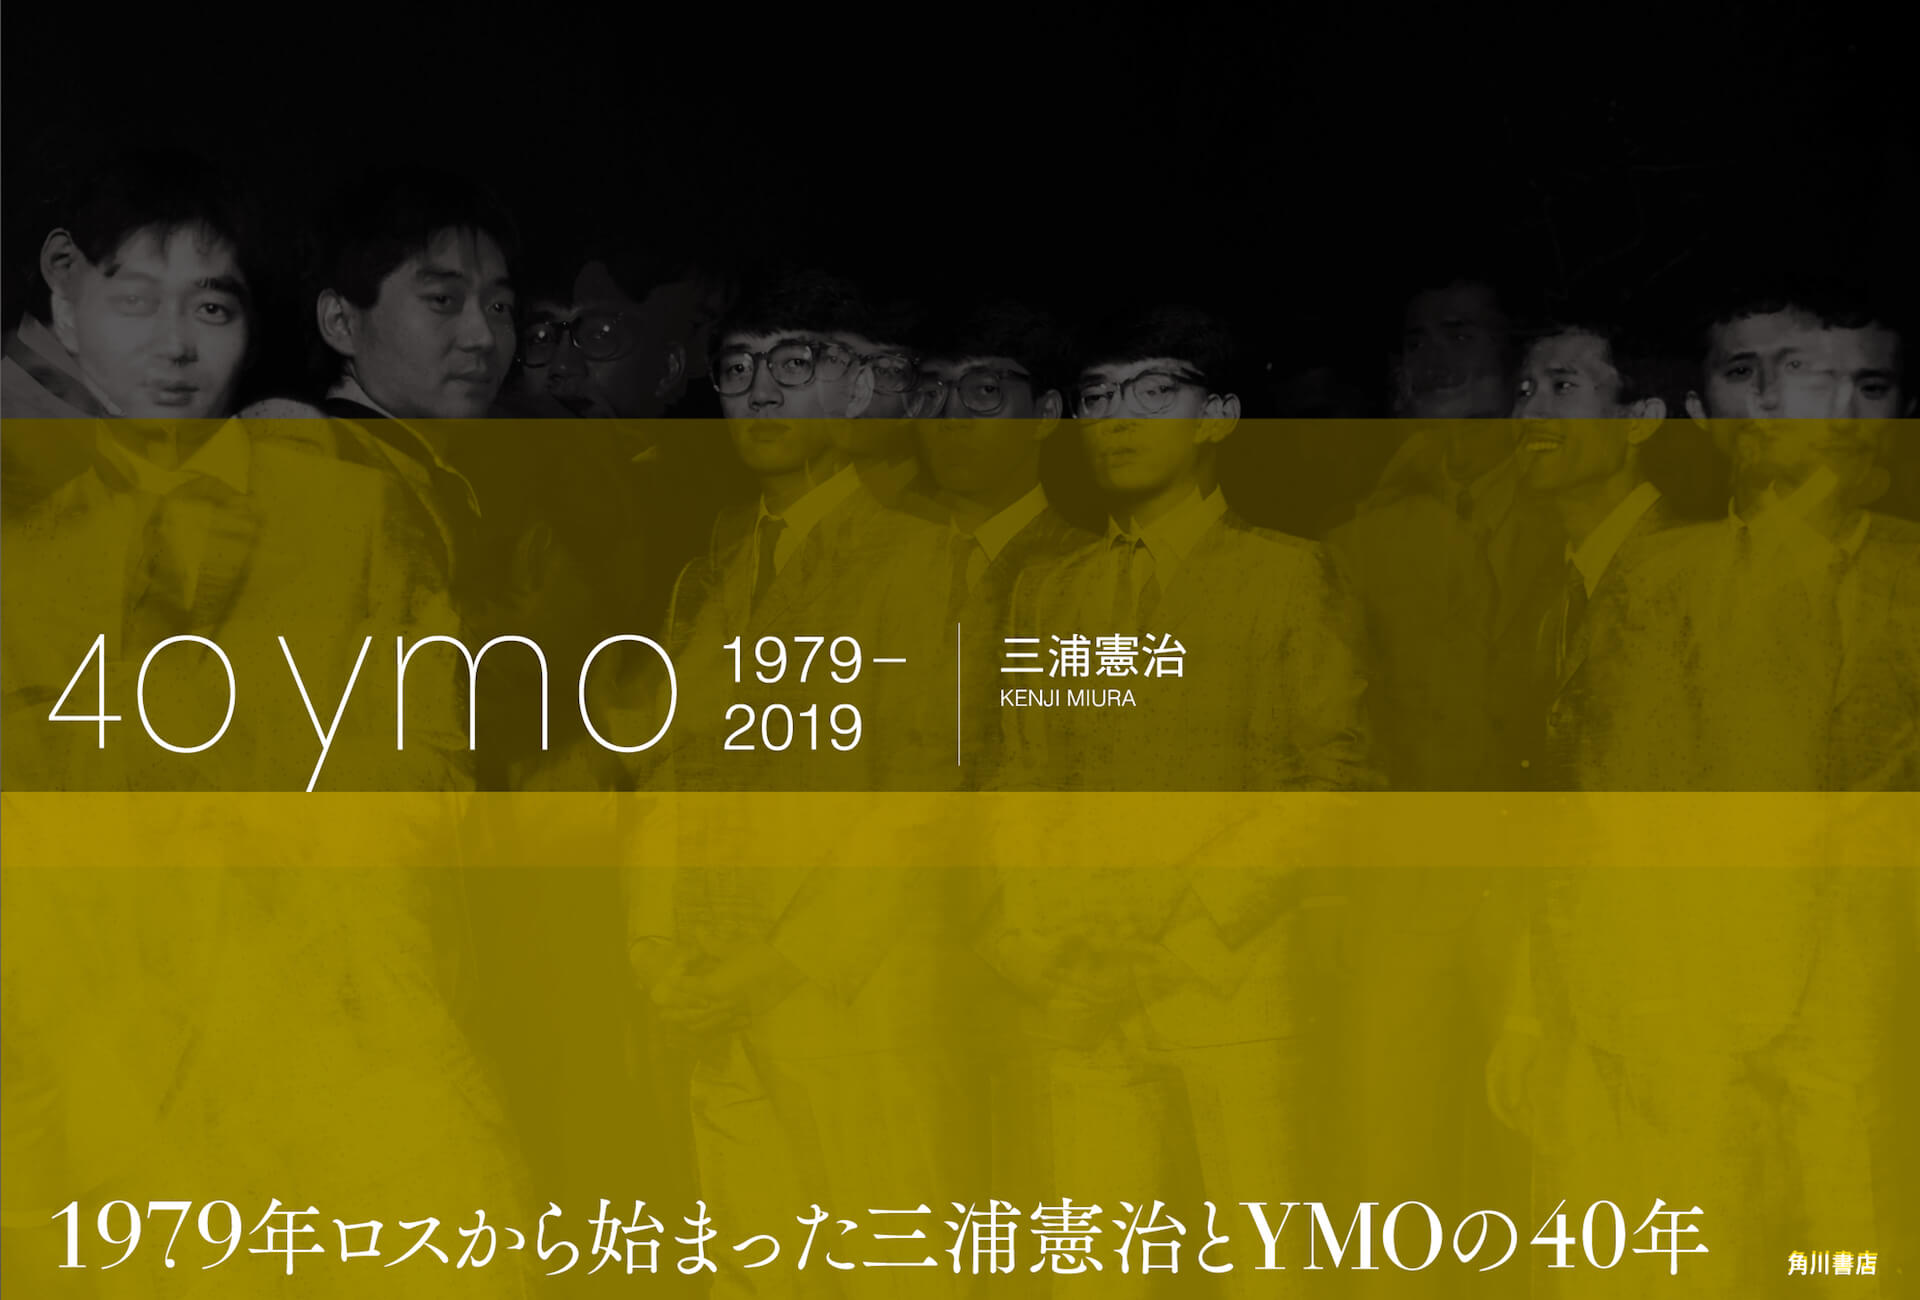 ファン必携!YMO、未公開写真100点超を含む結成40周年記念写真集の発売決定! #YMO三昧 art-culture190814-ymo-1